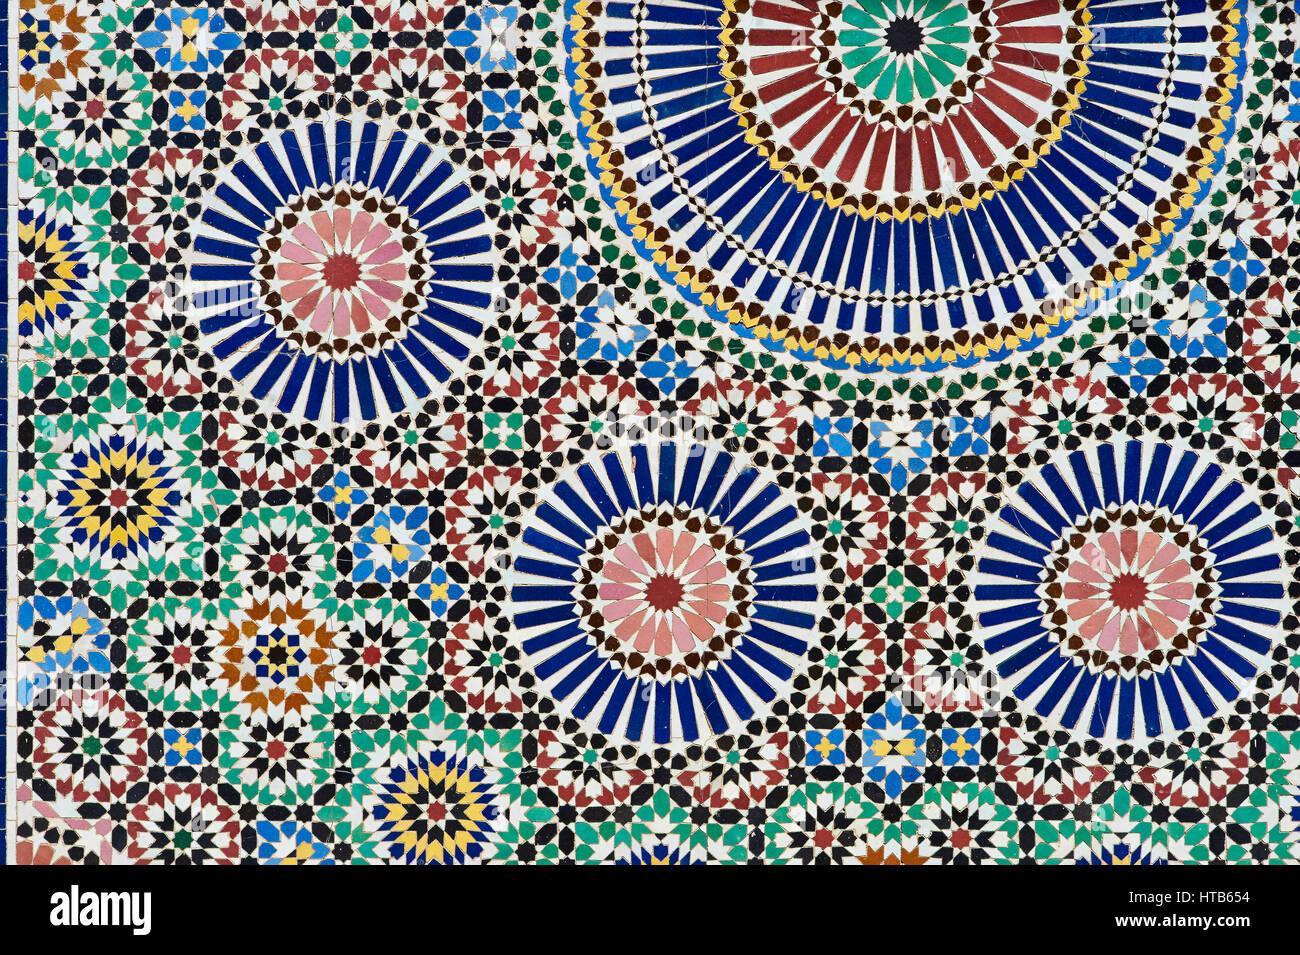 Piastrelle stile marocco piastrelle marocco piastrelle ceramica